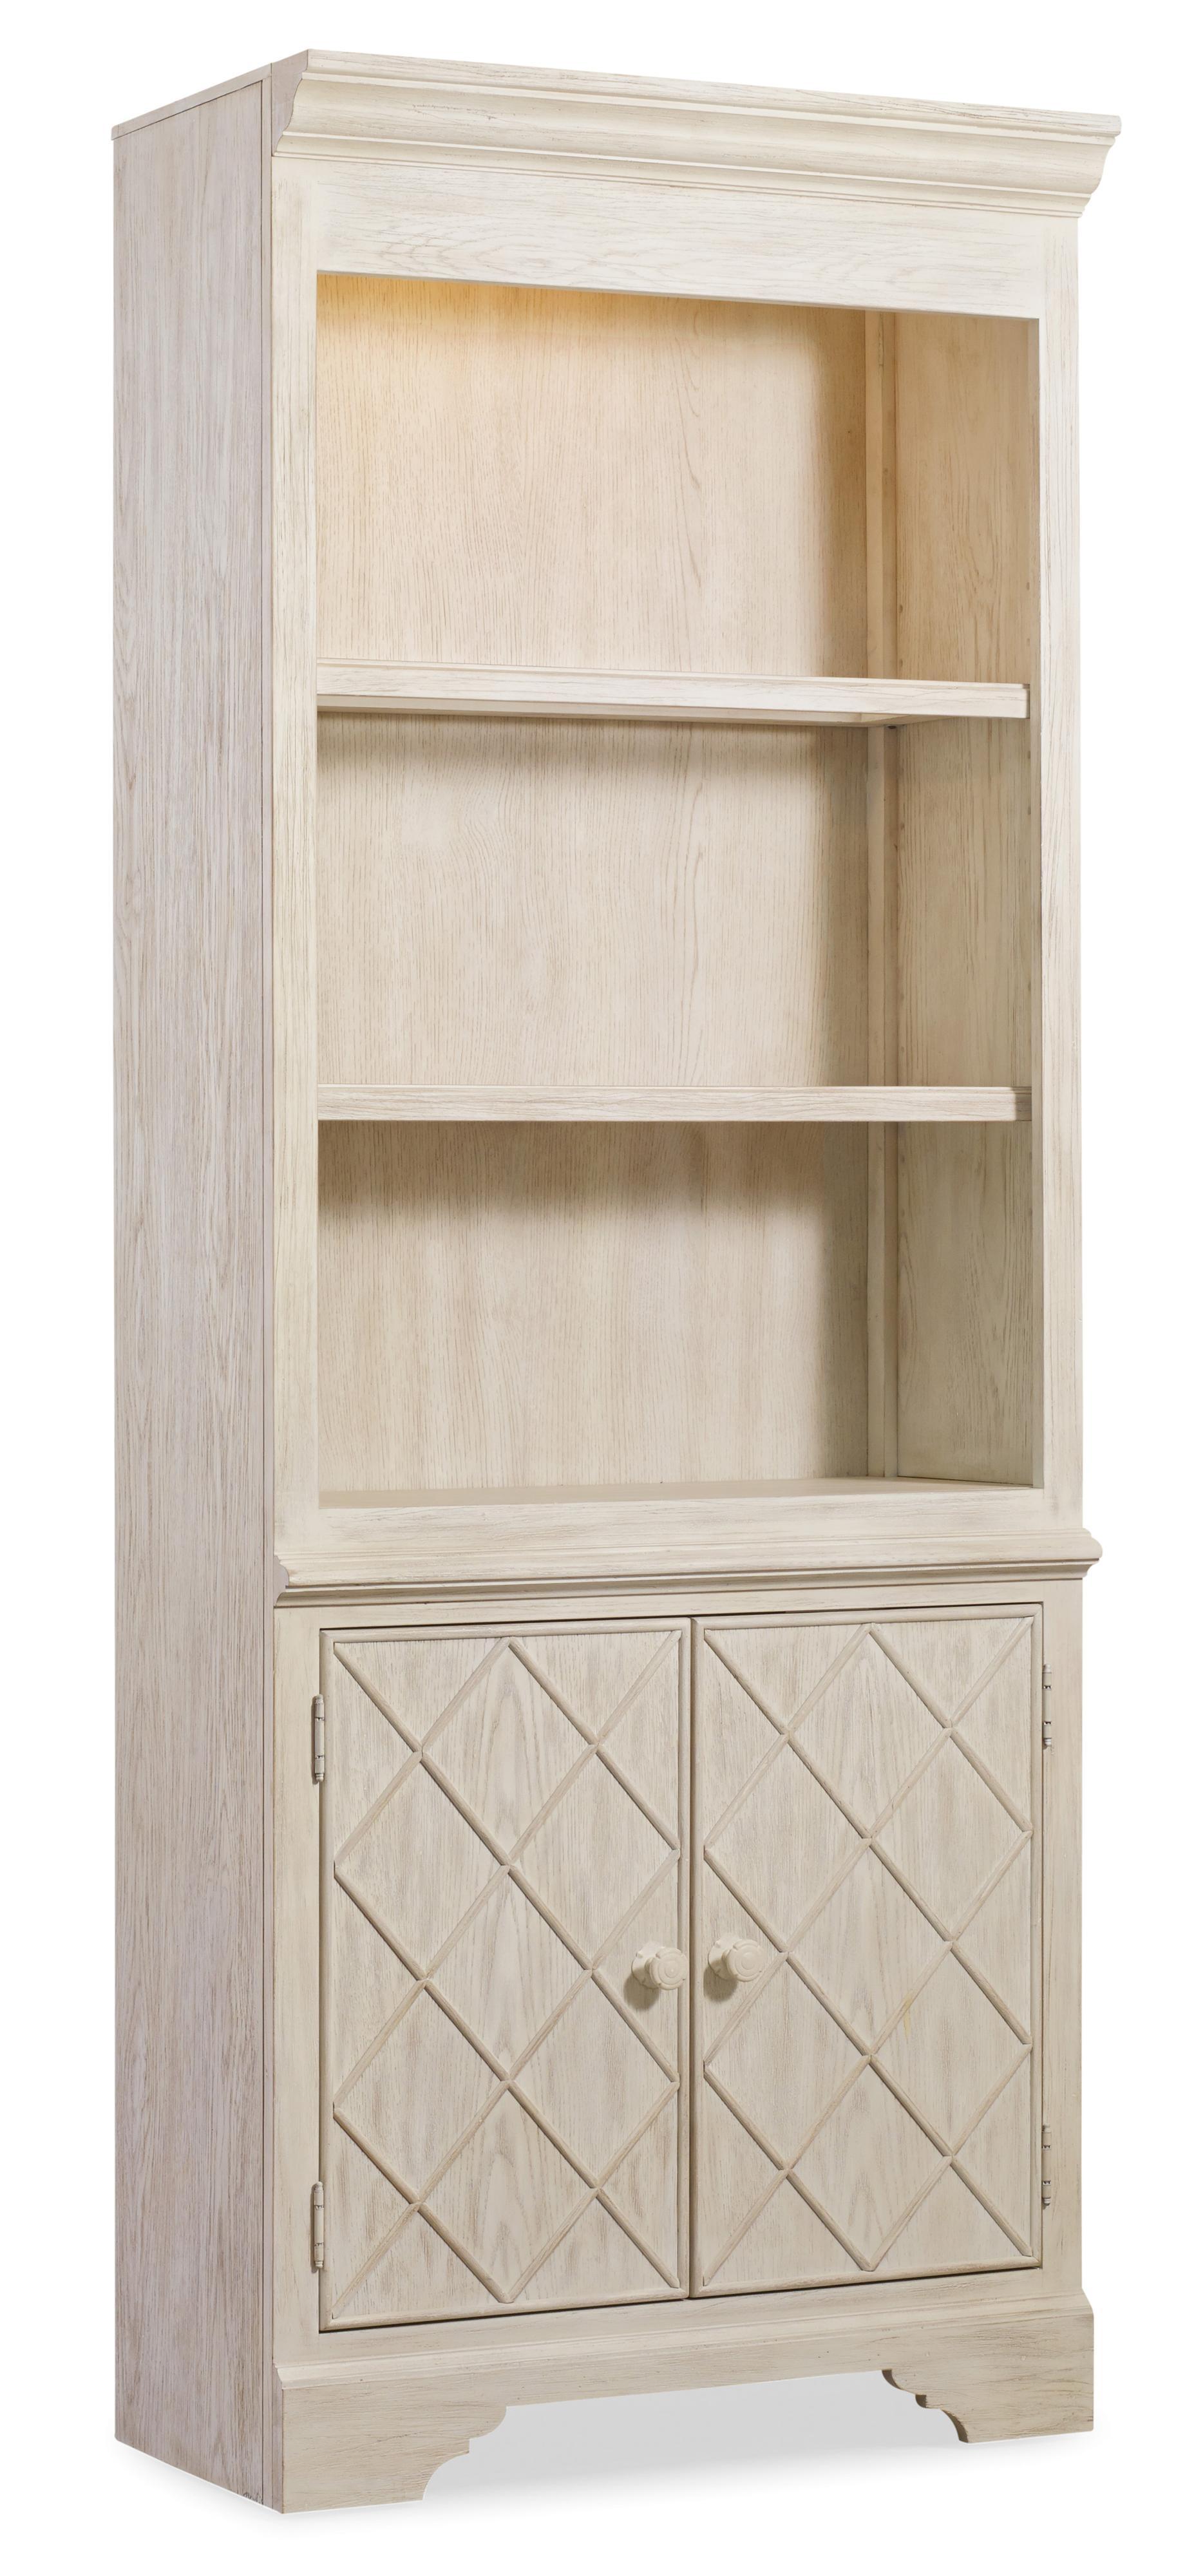 two shelf bookcases market world farmhouse bookcase product cottage do wood xxx